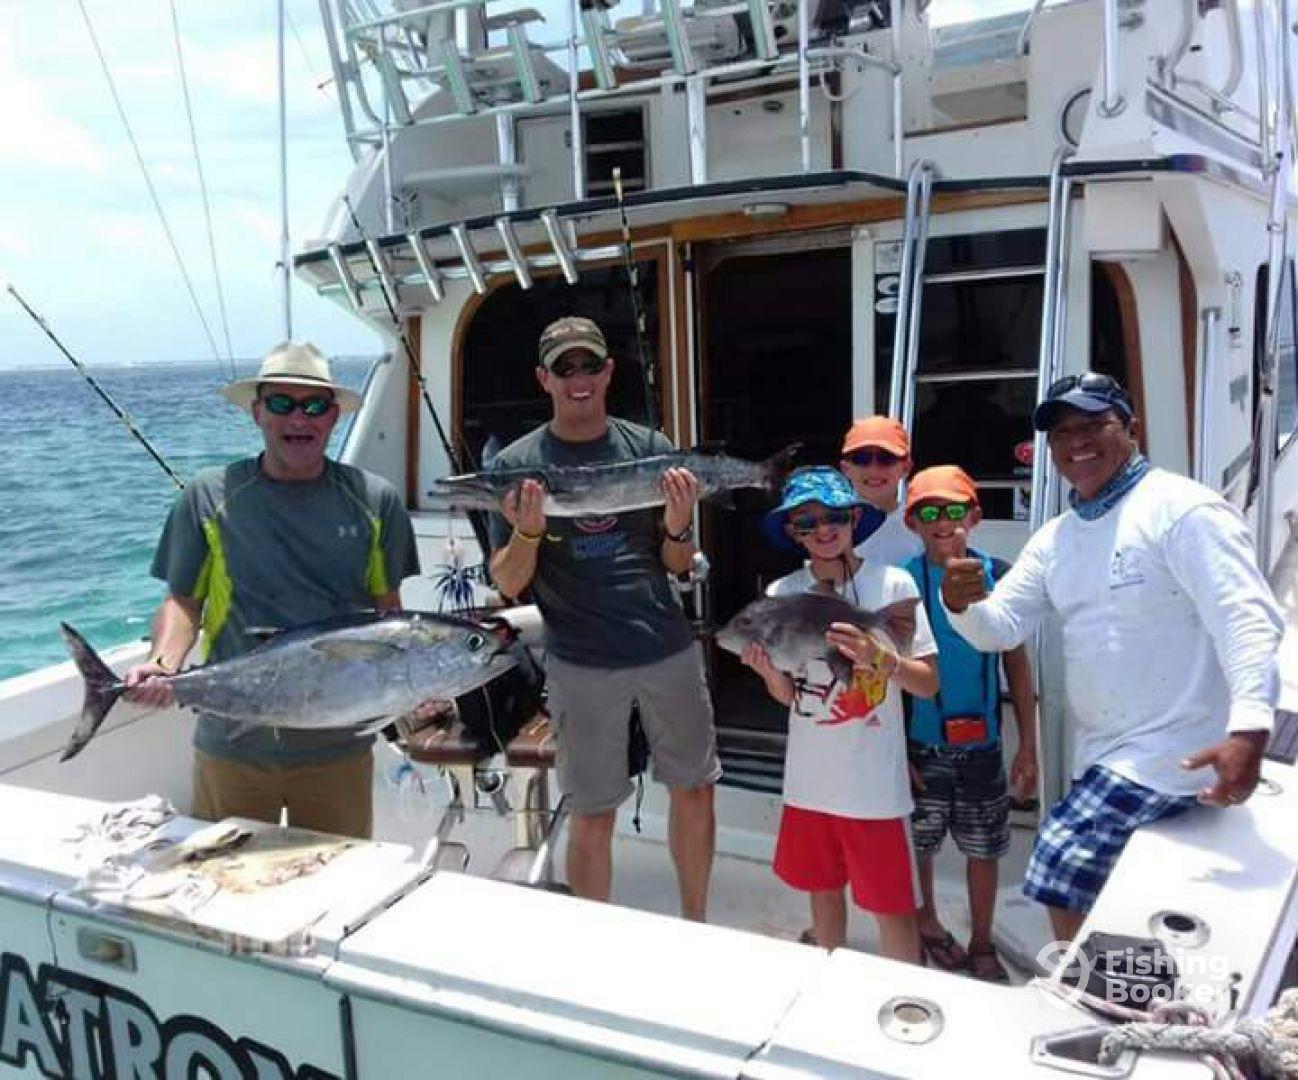 Living a dream el patron puerto morelos mexico for Puerto morelos fishing